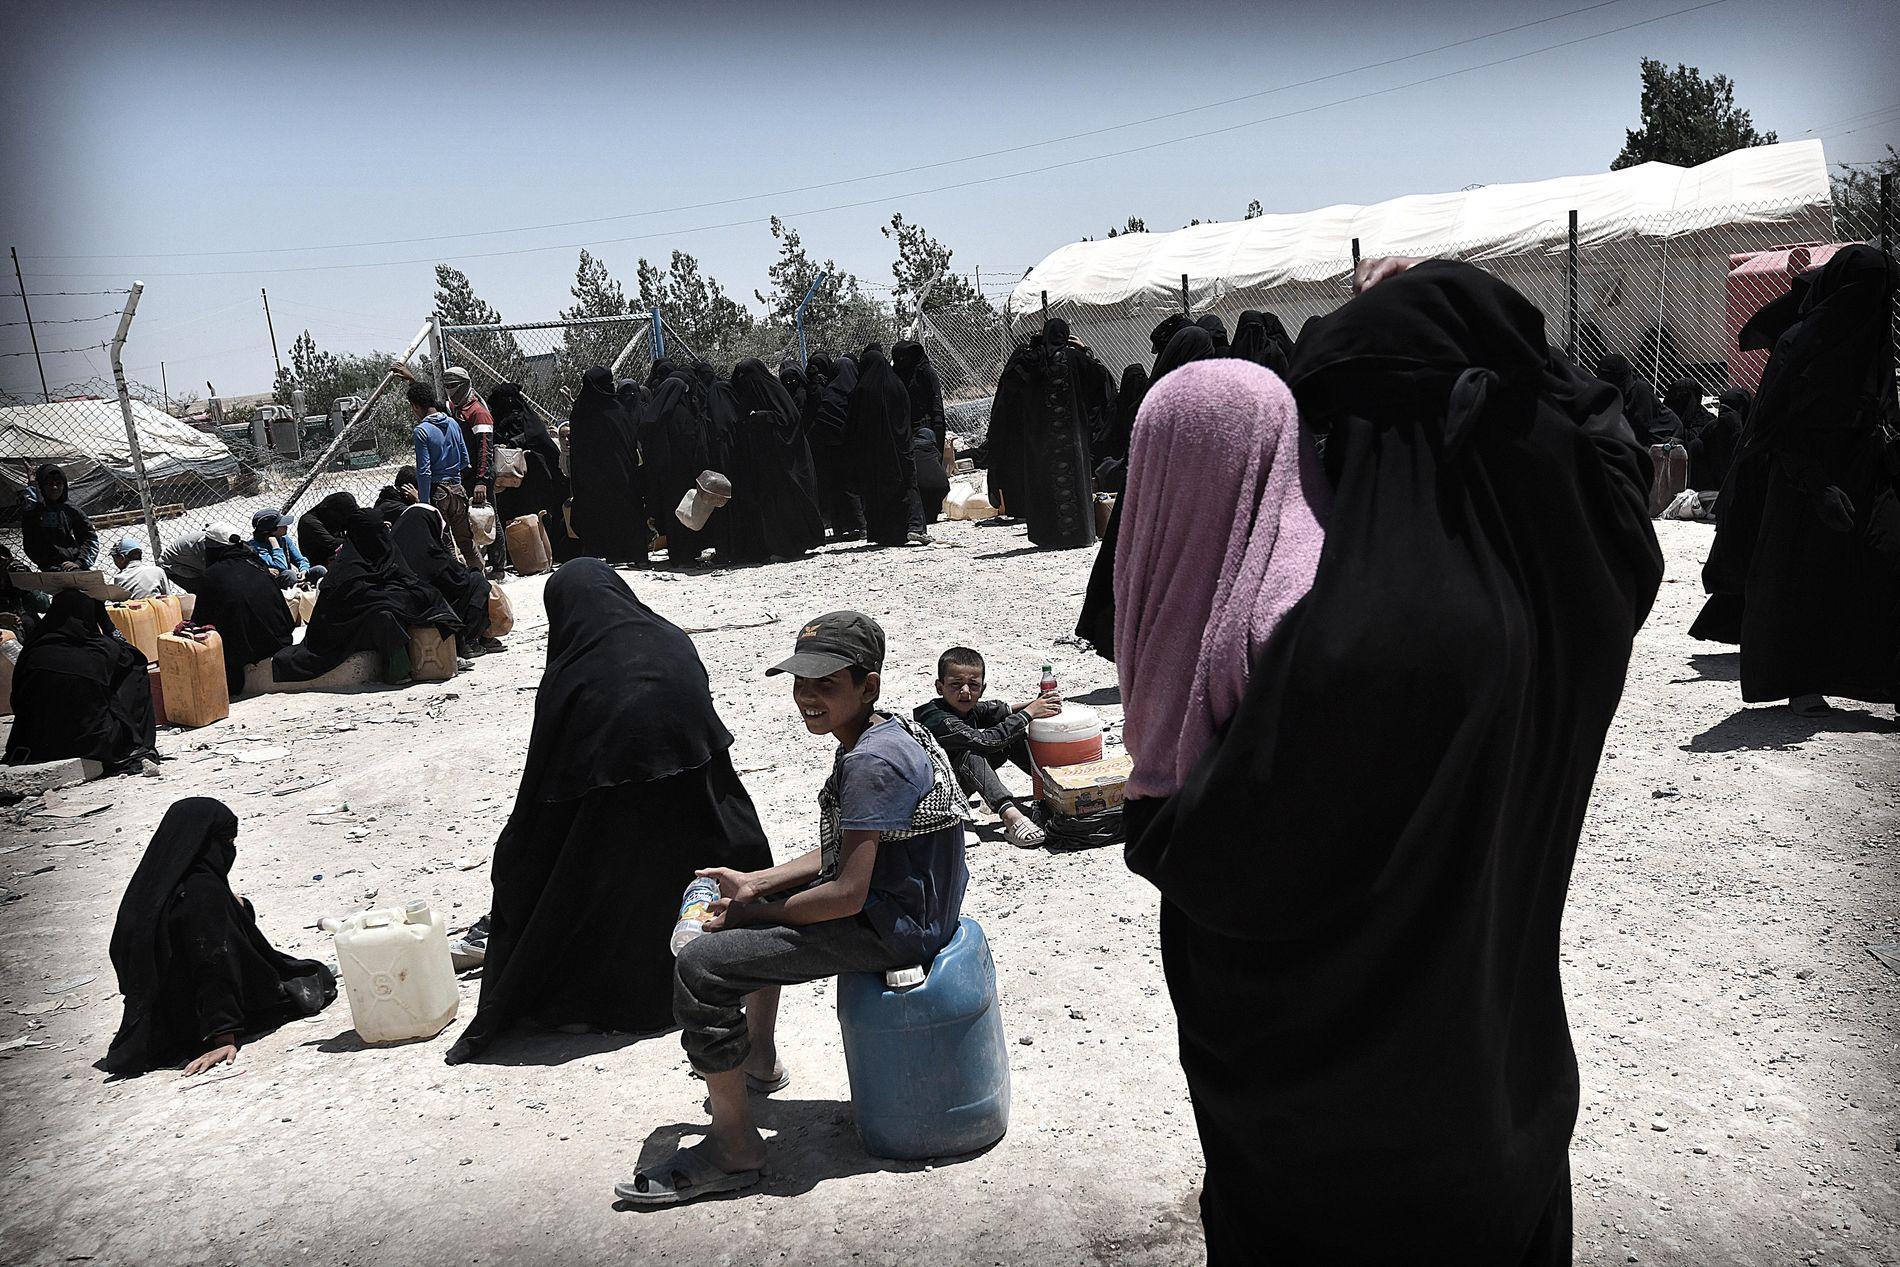 OVERFYLT OG FARLIG: Al-Hol-leiren er stedet er kvinner og barn som overlevde inne i IS-områdene nå befinner seg. Leiren som er laget for 10.000 mennesker har nå over 70.000. VG besøkte leiren i juni.